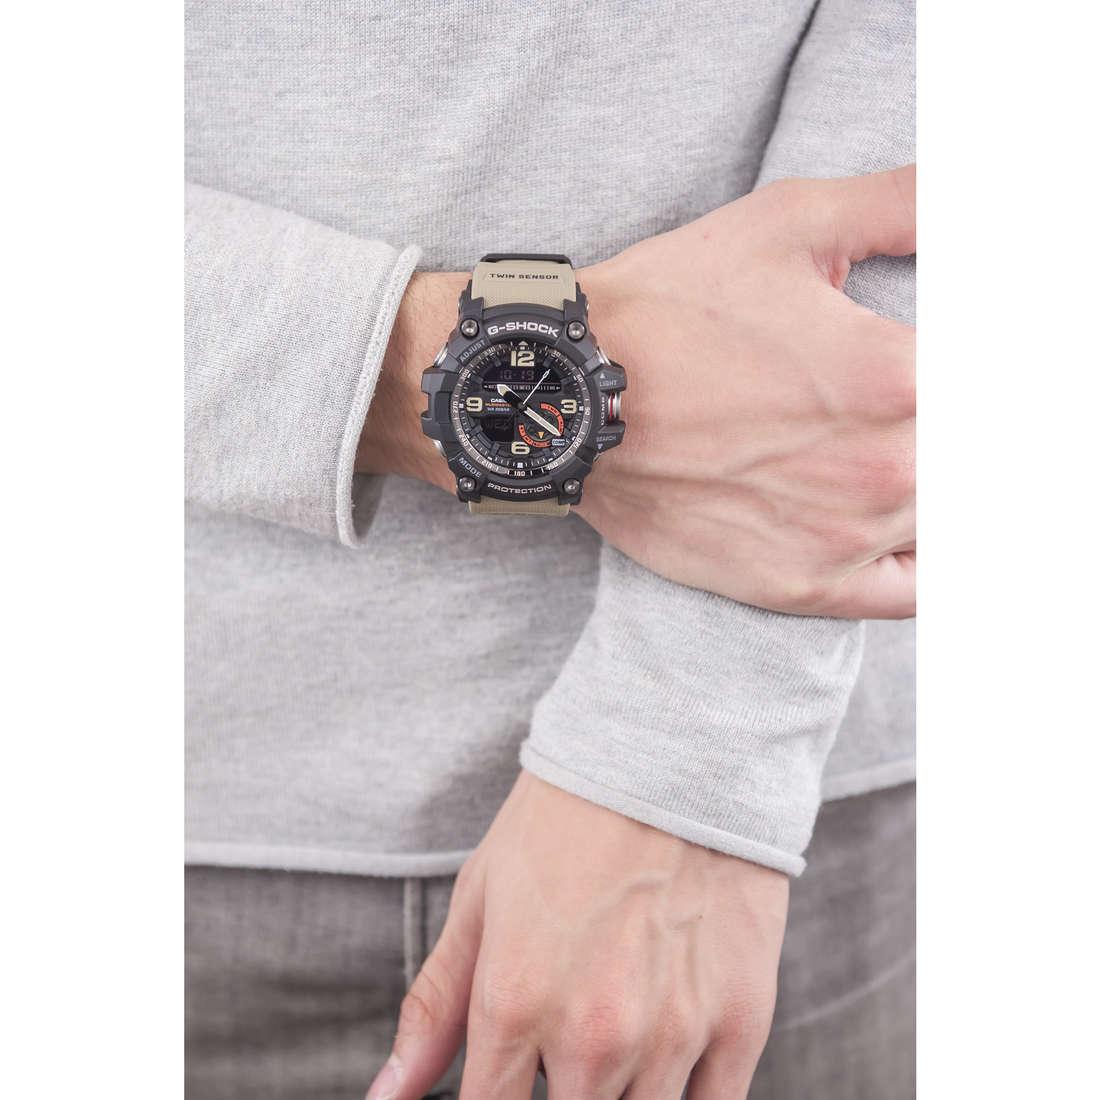 Casio digitali G-Shock uomo GG-1000-1A5ER indosso